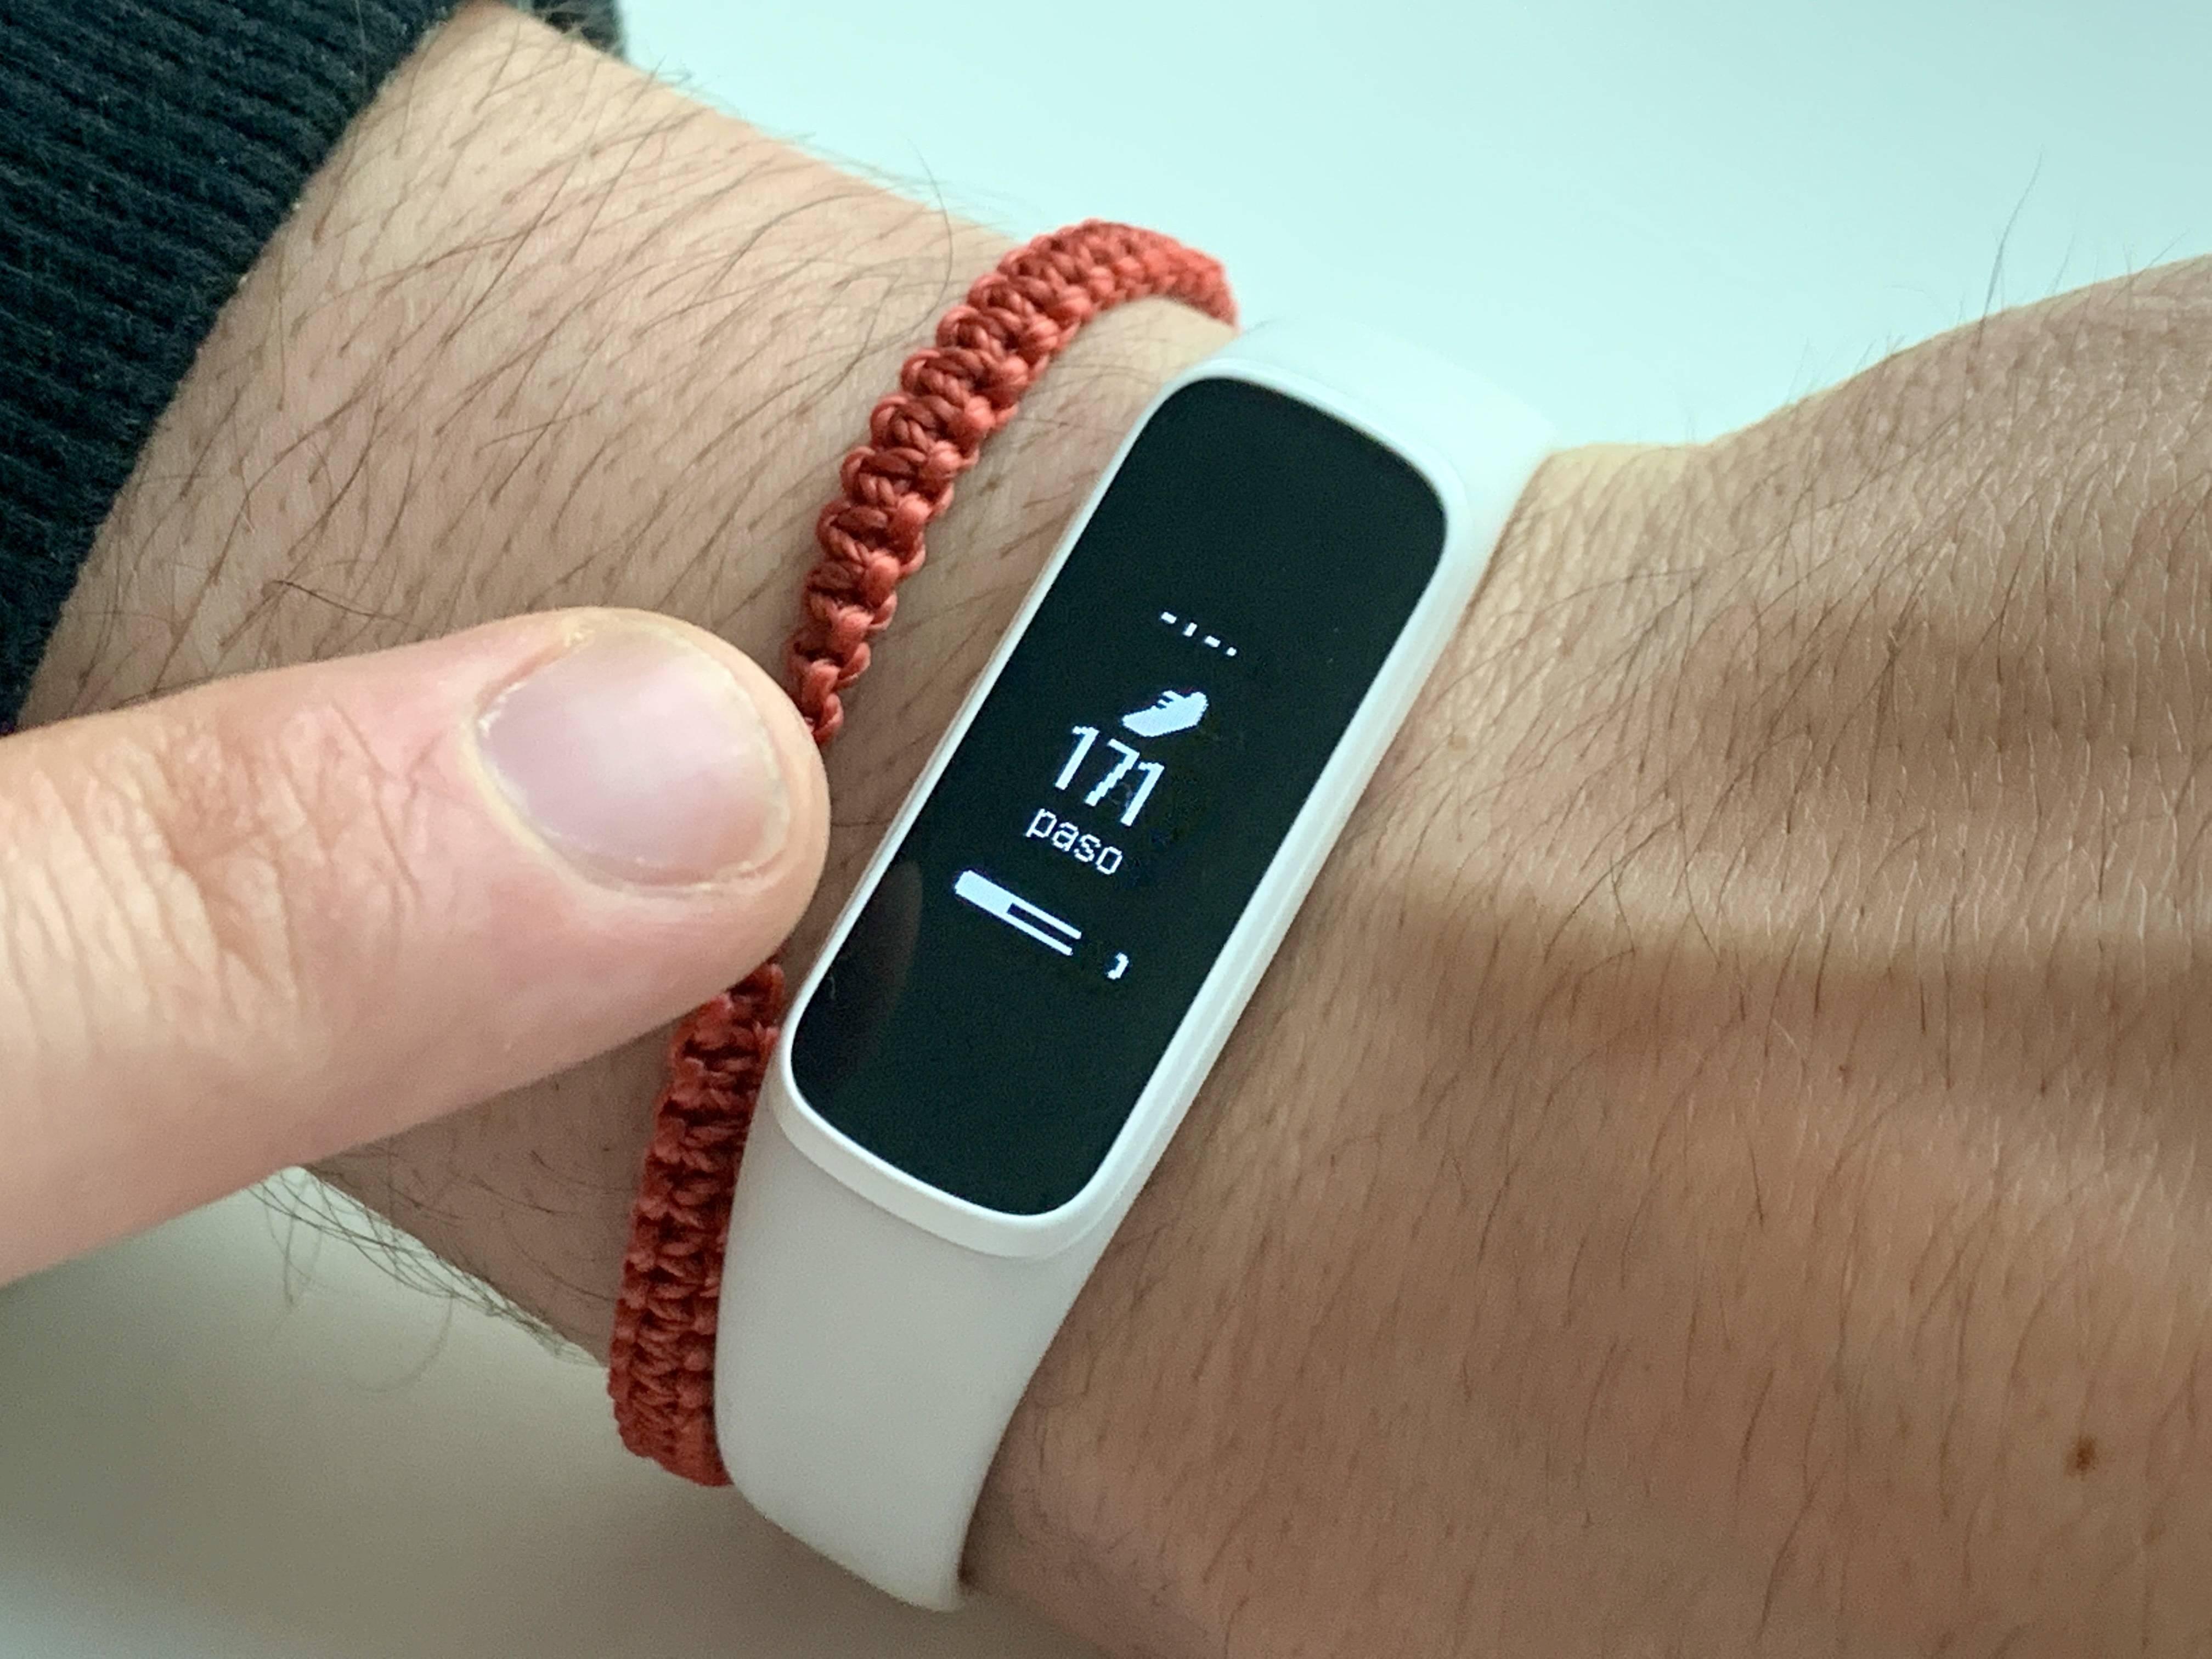 Una pulsera deportiva perfecta para los deportistas: Review del Samsung Galaxy Fit e [FW Labs]